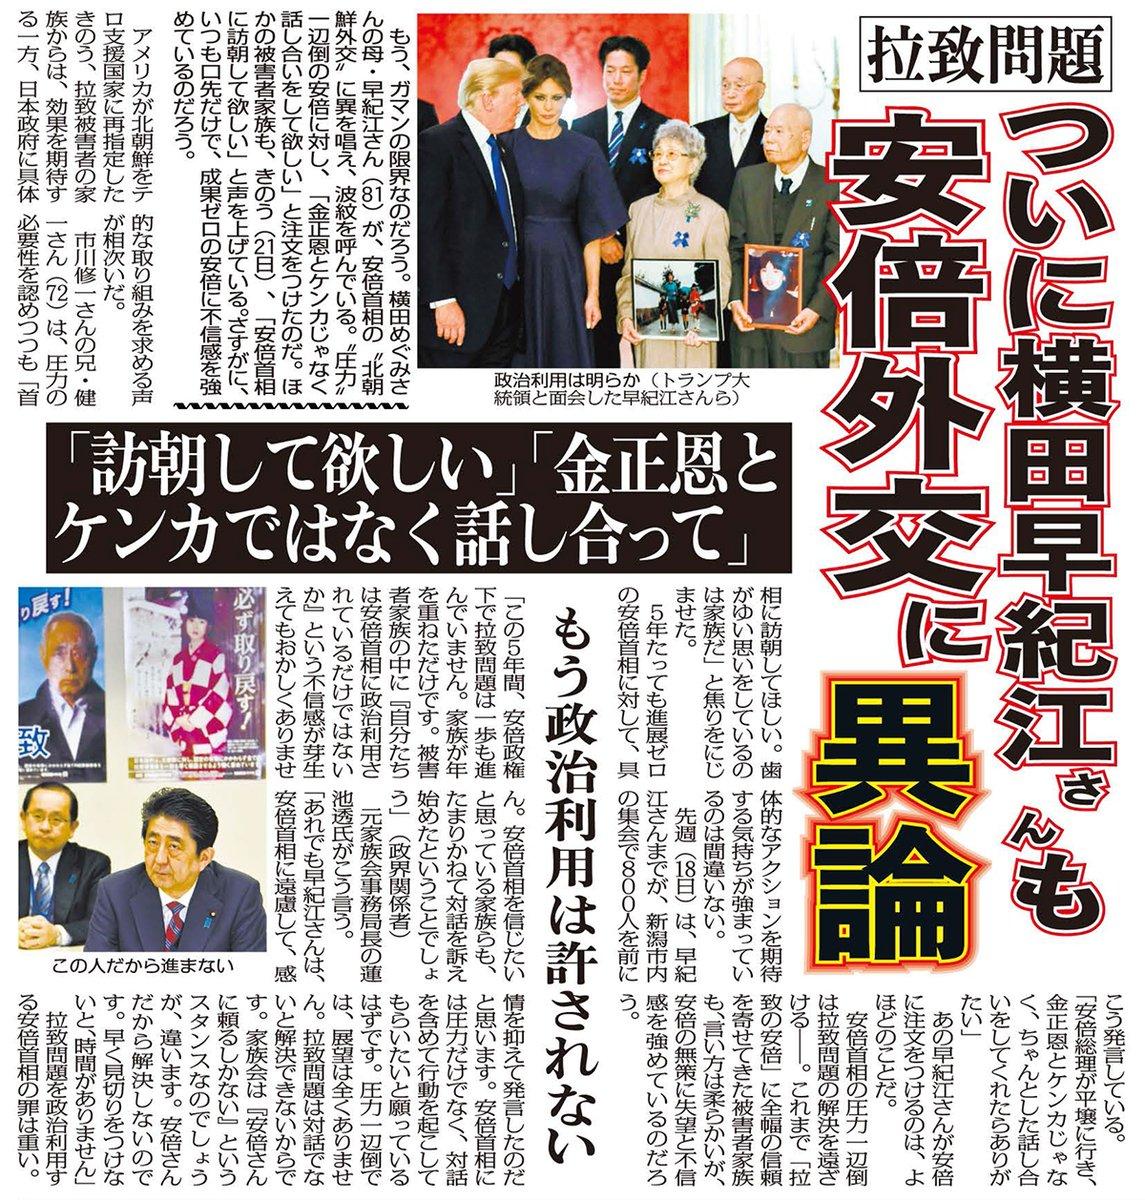 2017/11/23(木)プチニュース「蓮池透さん・横田早紀江さんが、もし安倍批判を始めたら政権は持たないと思う。」など